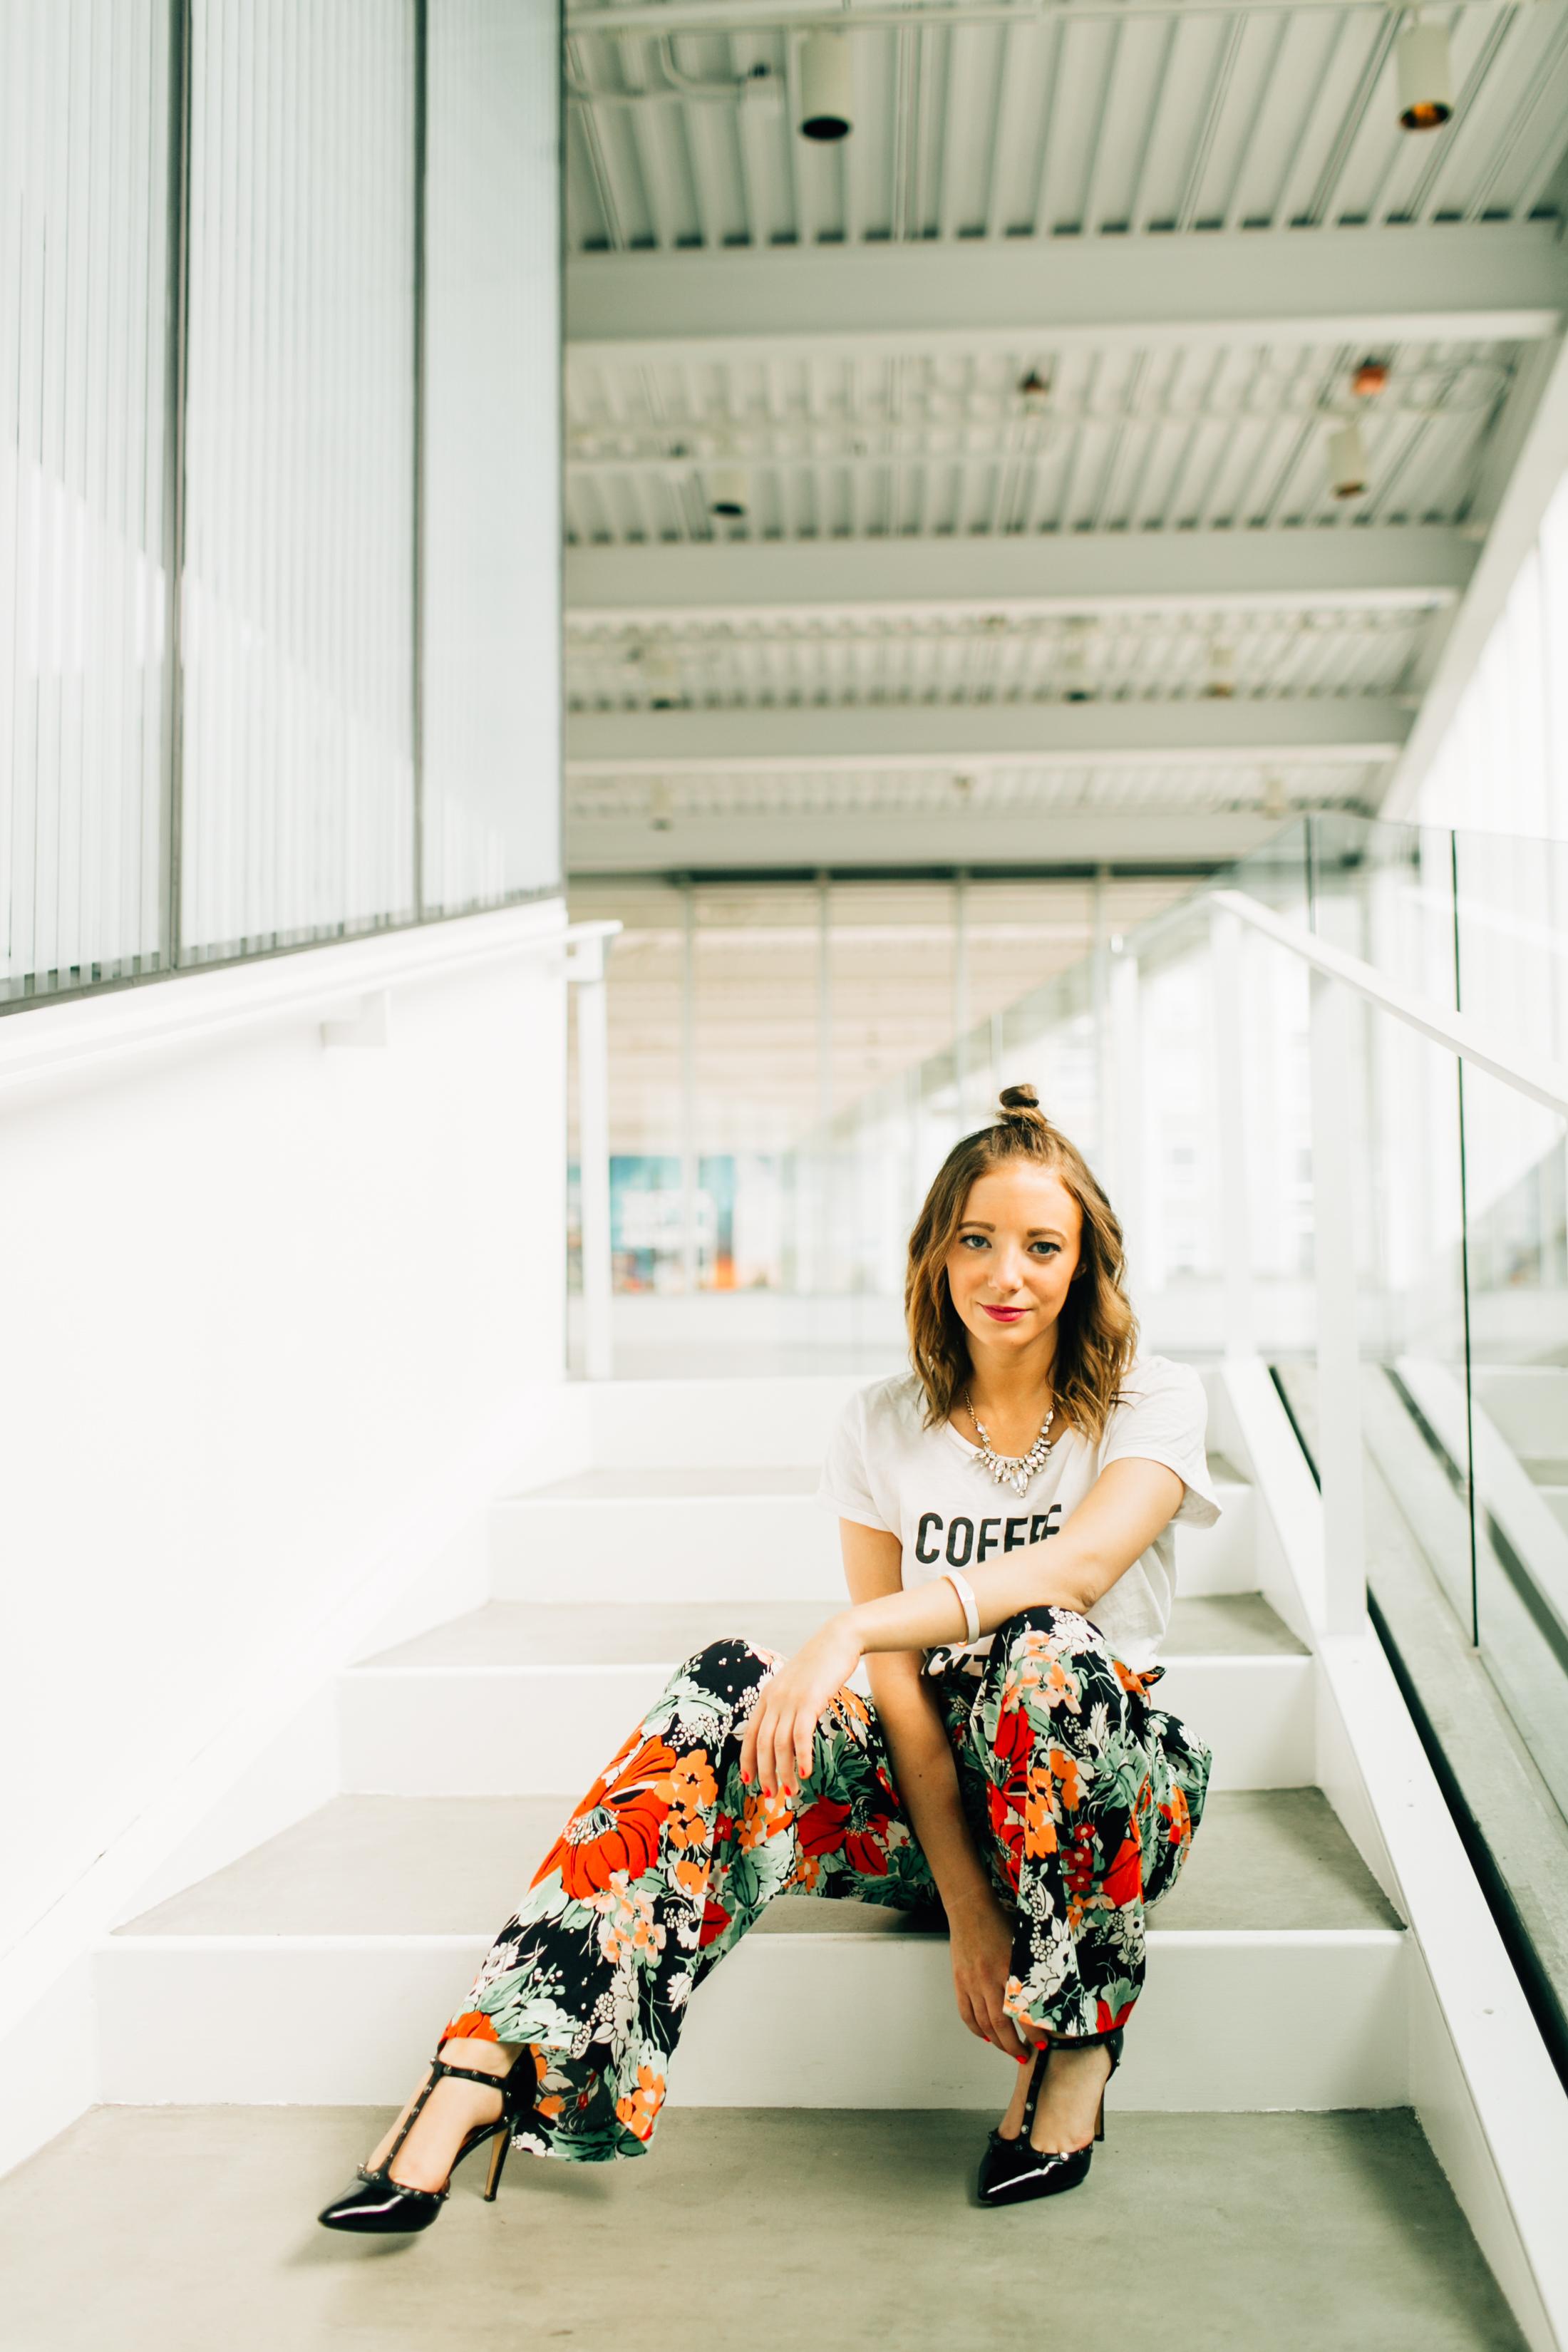 JennaBechtholtPhotography-44.jpg